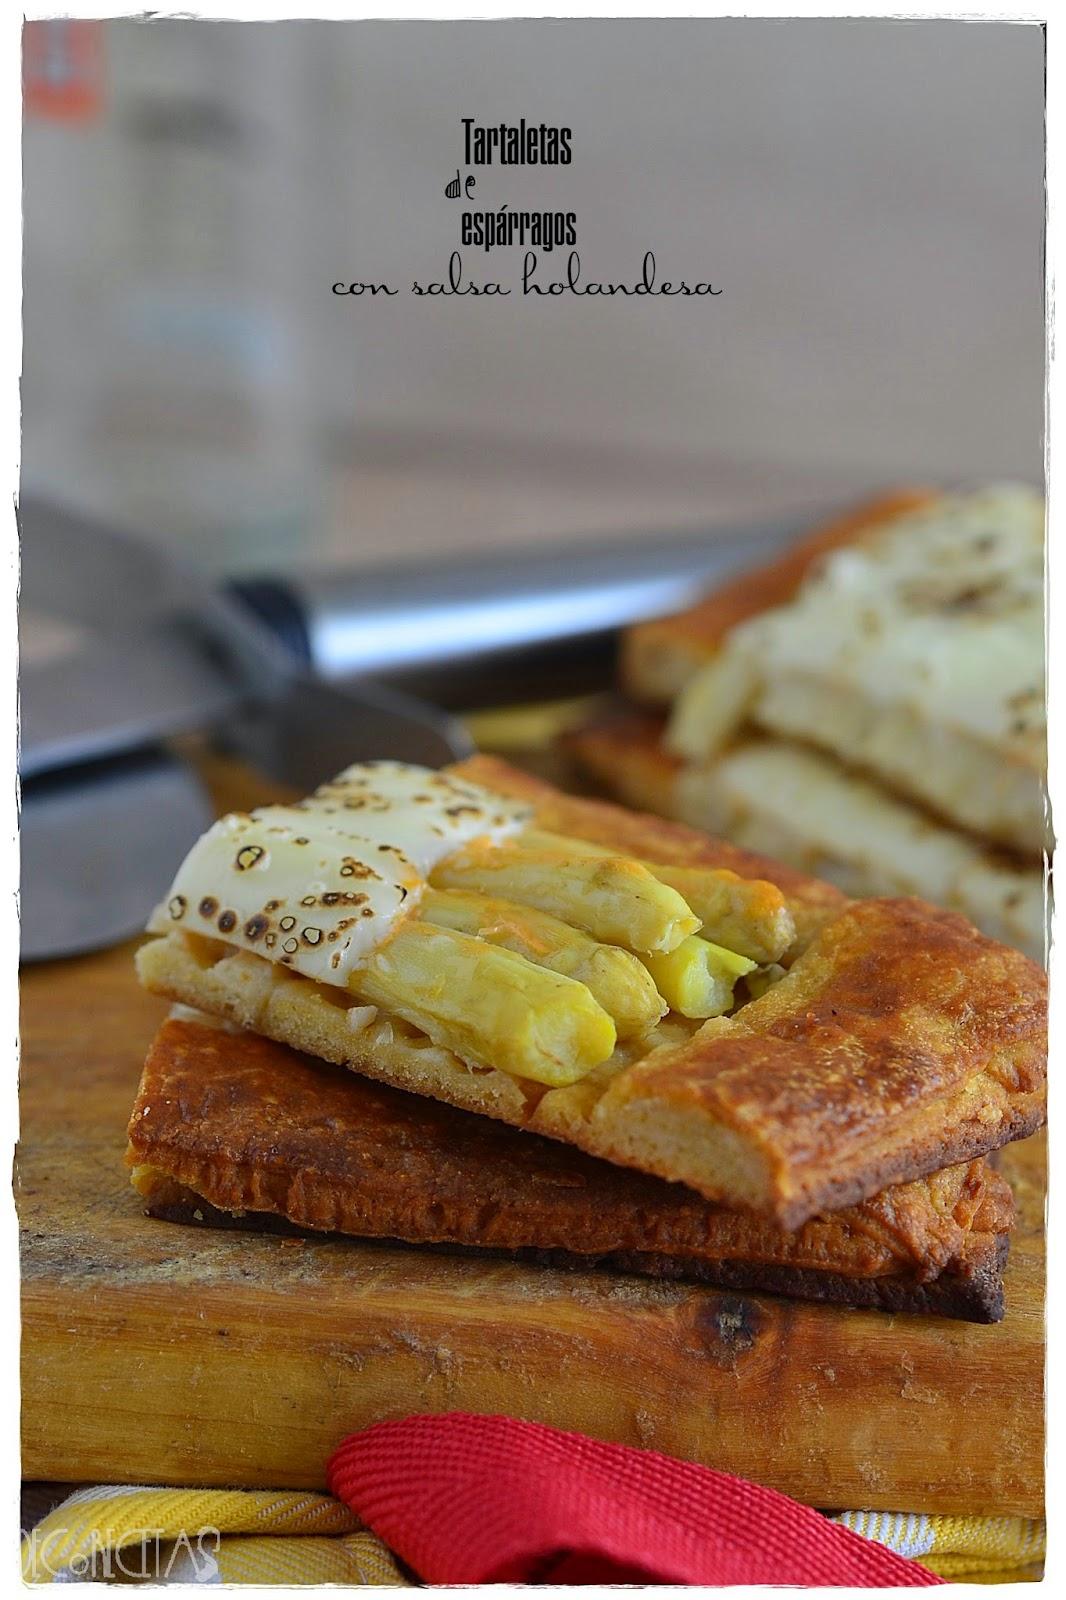 Tartaleta de espárragos con salsa holandesa